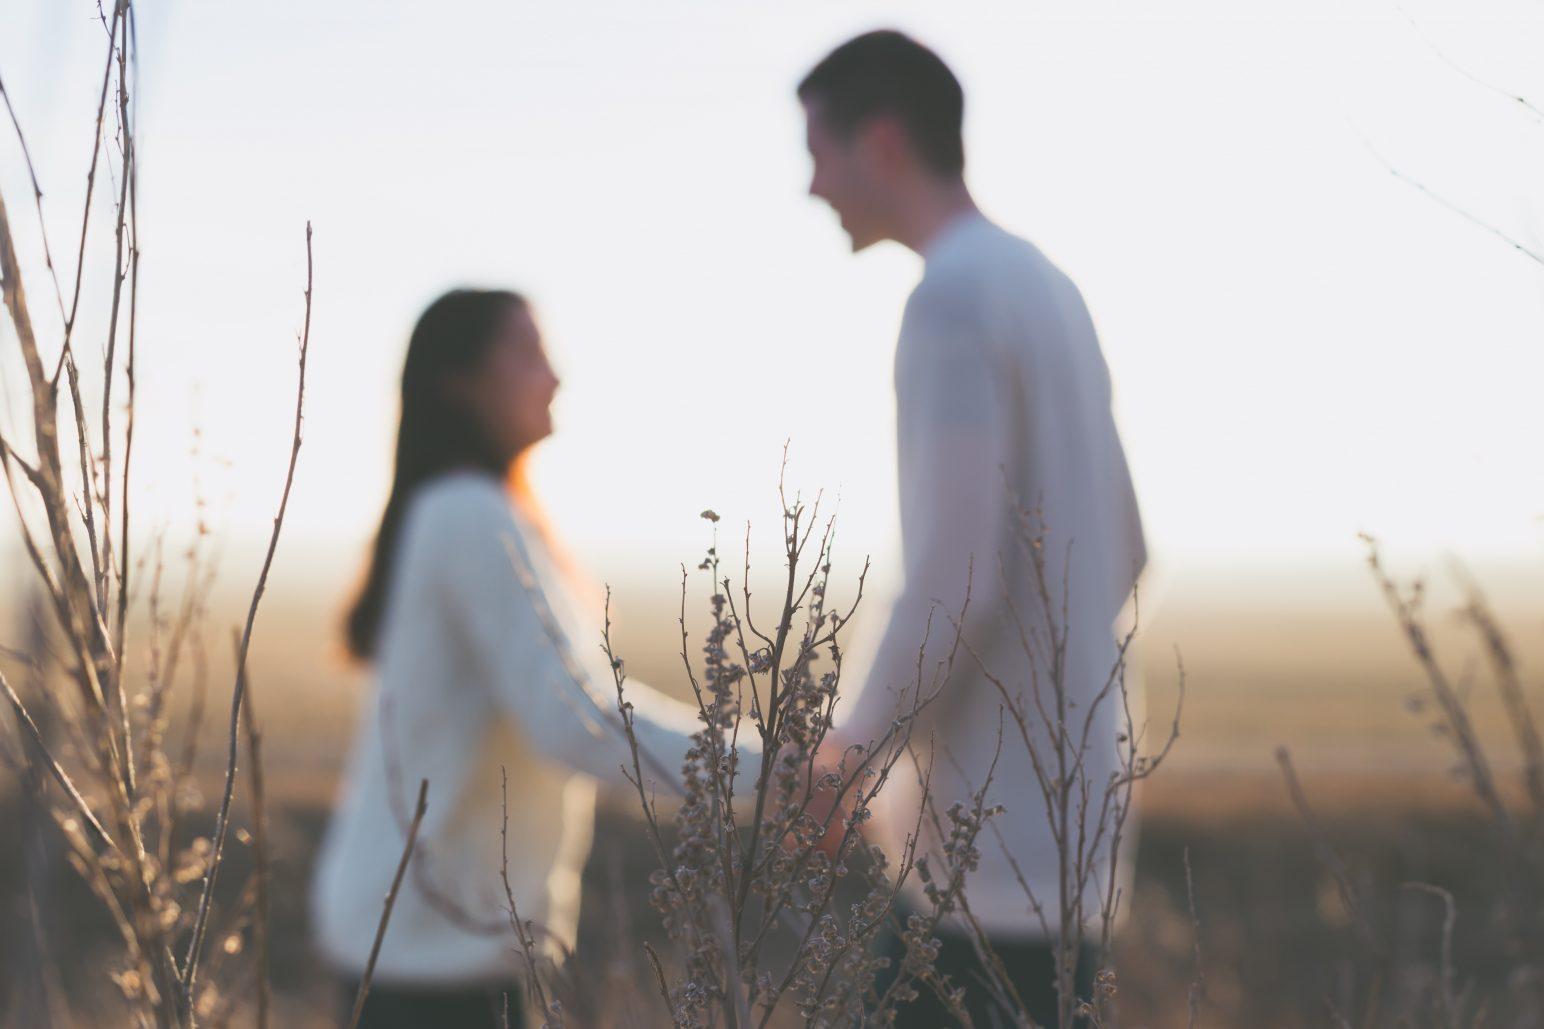 86 Frases Para Dedicar A Tu Crush Y Enamorarlo En El 2019